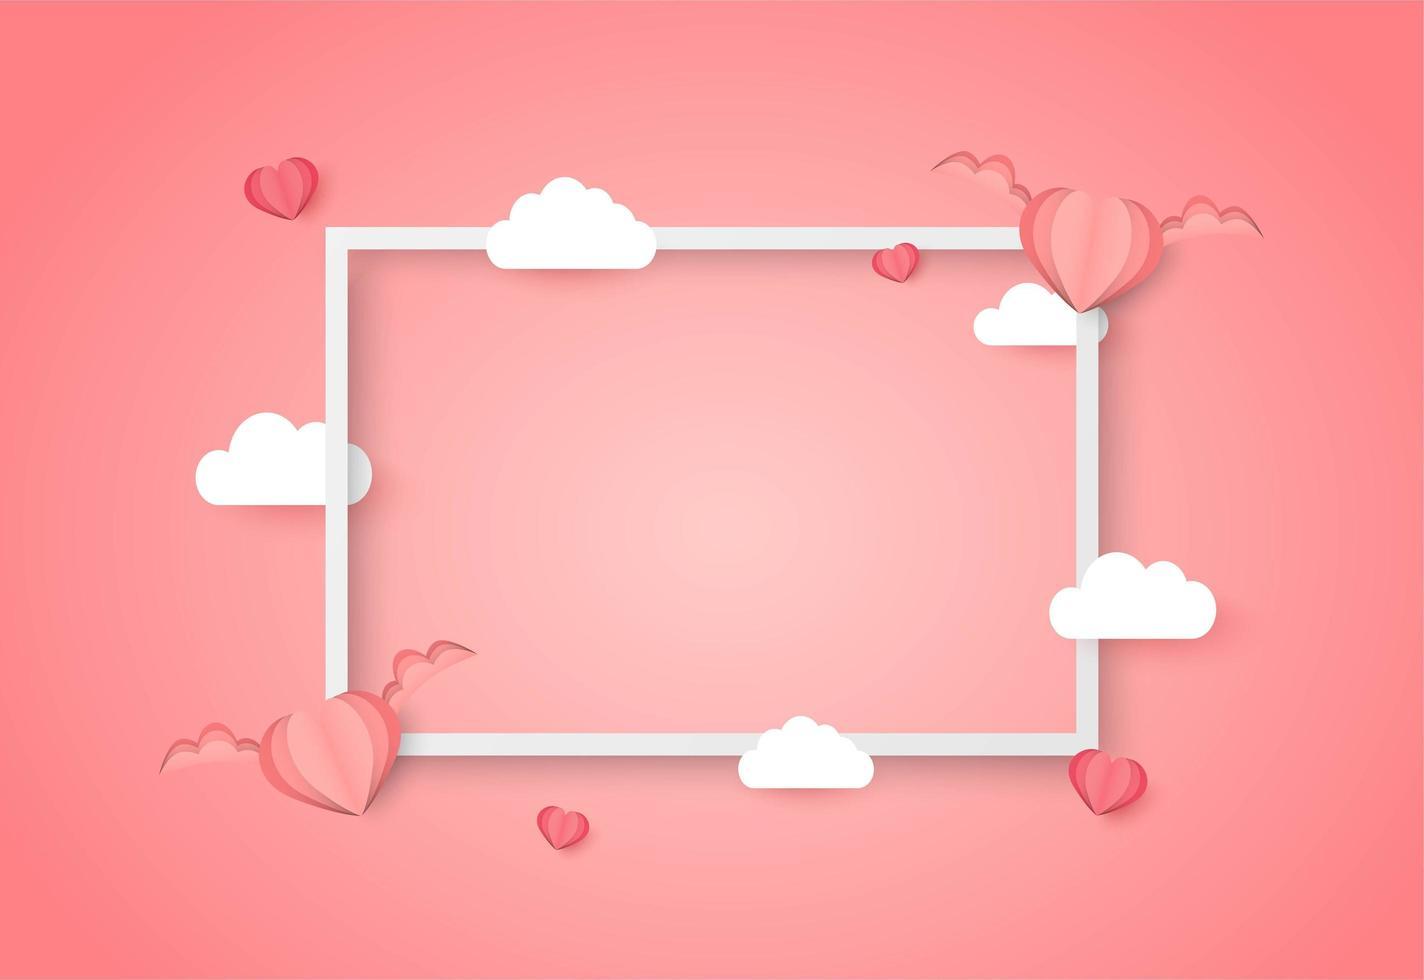 De dag van Valentijnskaarten frame met lege ruimte en gevleugelde harten en wolken vector